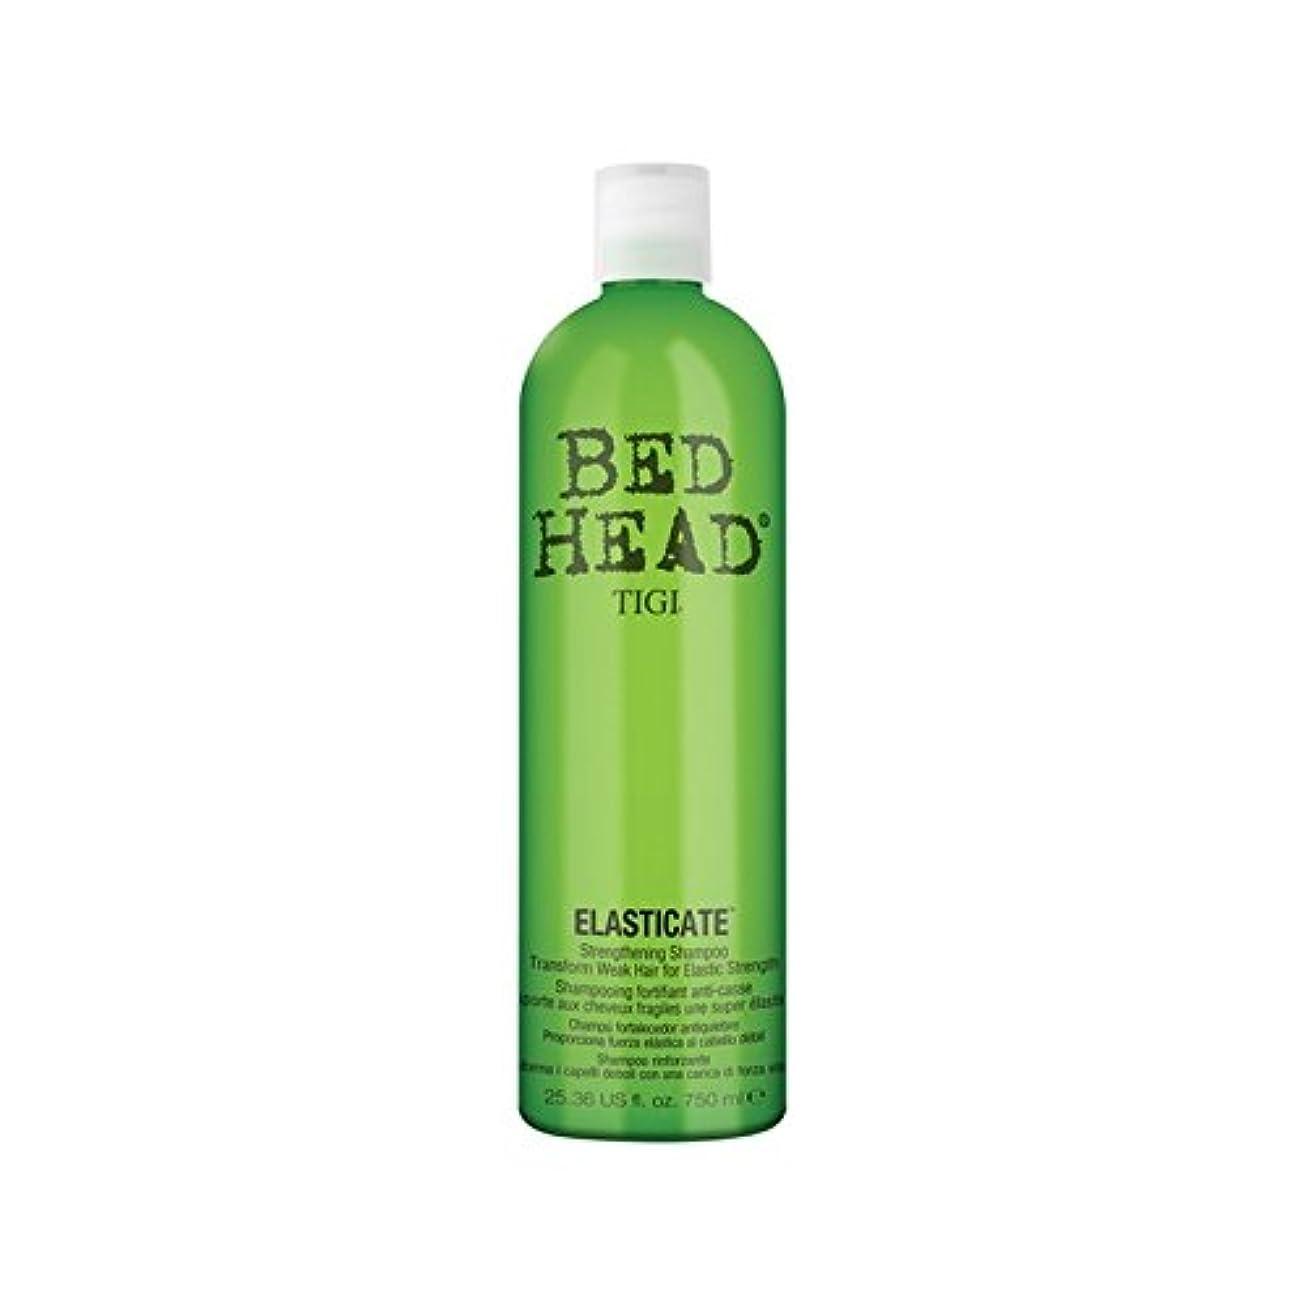 背が高い規則性人間Tigi Bed Head Elasticate Shampoo (750ml) - ティジーベッドヘッドシャンプー(750ミリリットル) [並行輸入品]